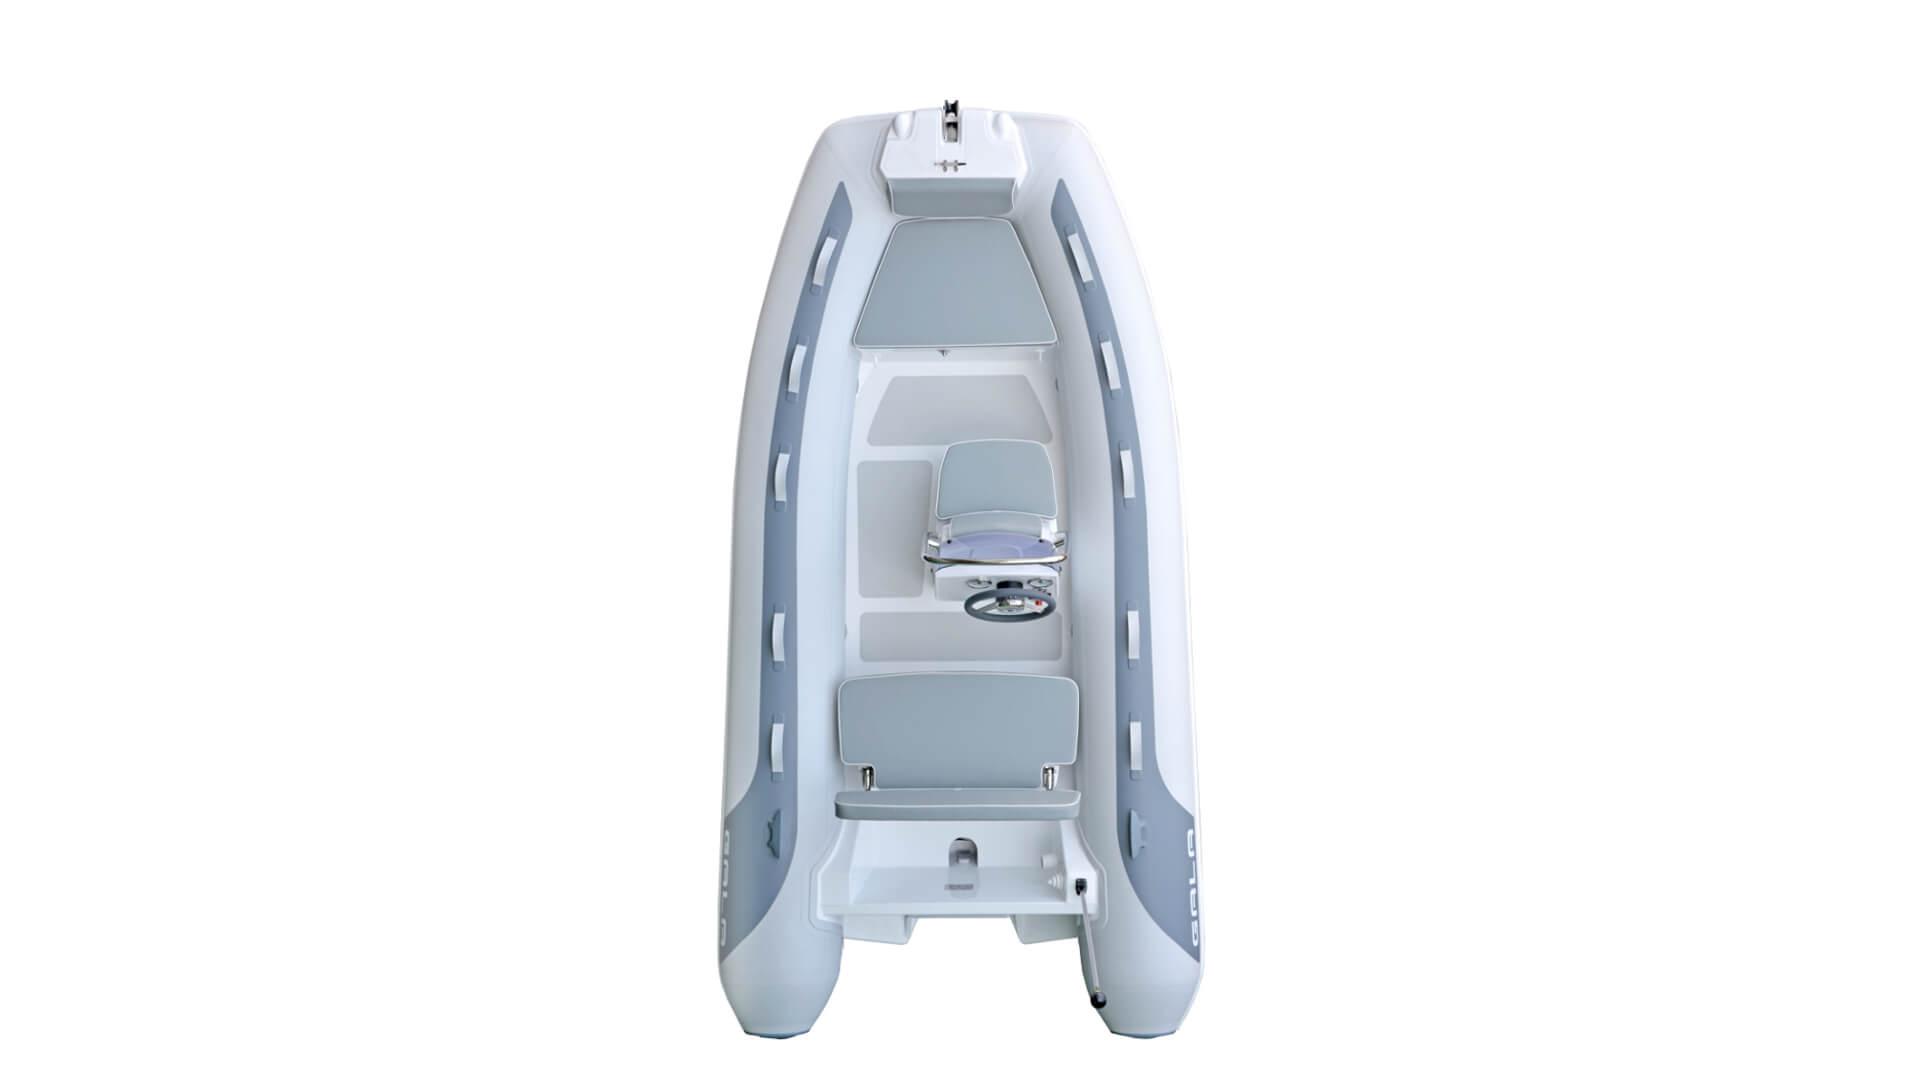 Надувная лодка с жестким алюминиевым дном GALA Atlantis A360L, Надувная лодка с жестким дном GALA Atlantis A360L, Надувная лодка с жестким дном GALA A360L, Надувная лодка GALA A360L, Надувная лодка GALA A360L, GALA A360L, лодка с жестким дном, алюминиевый риб, алюминиевый RIB, RIB, тендерная лодка, тендер для яхты